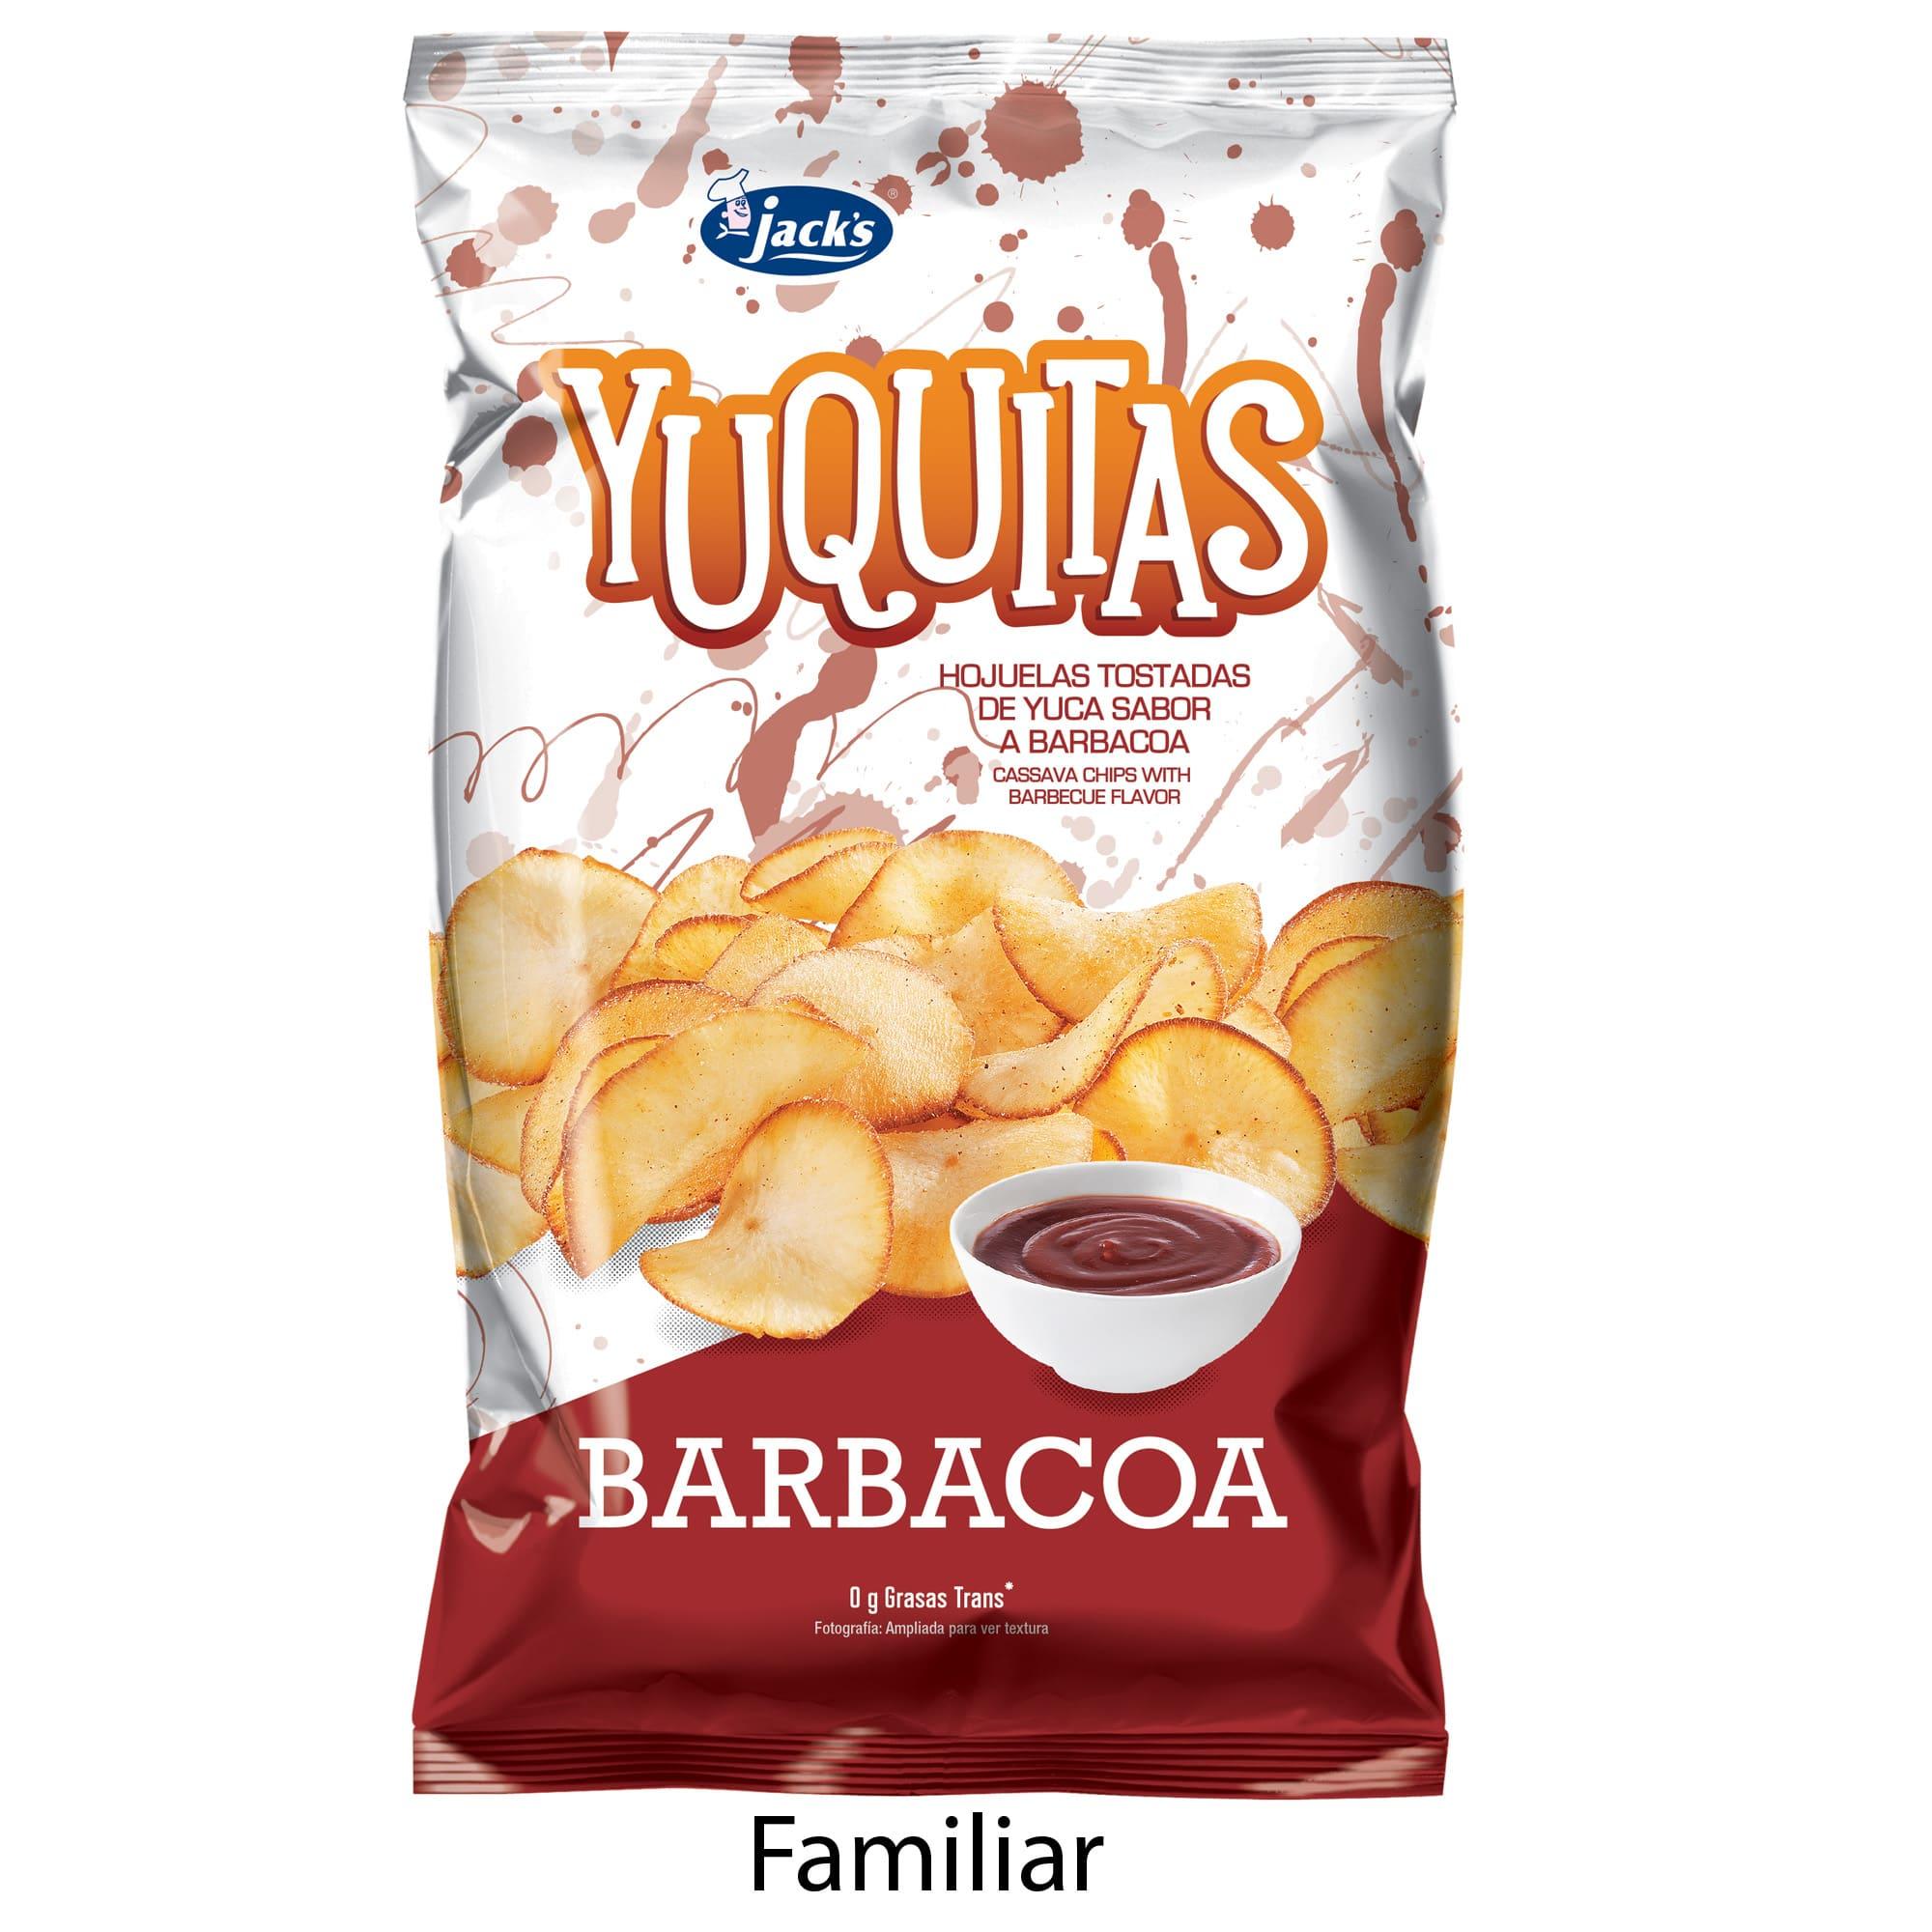 YUQUITAS BBQ presentac pag web